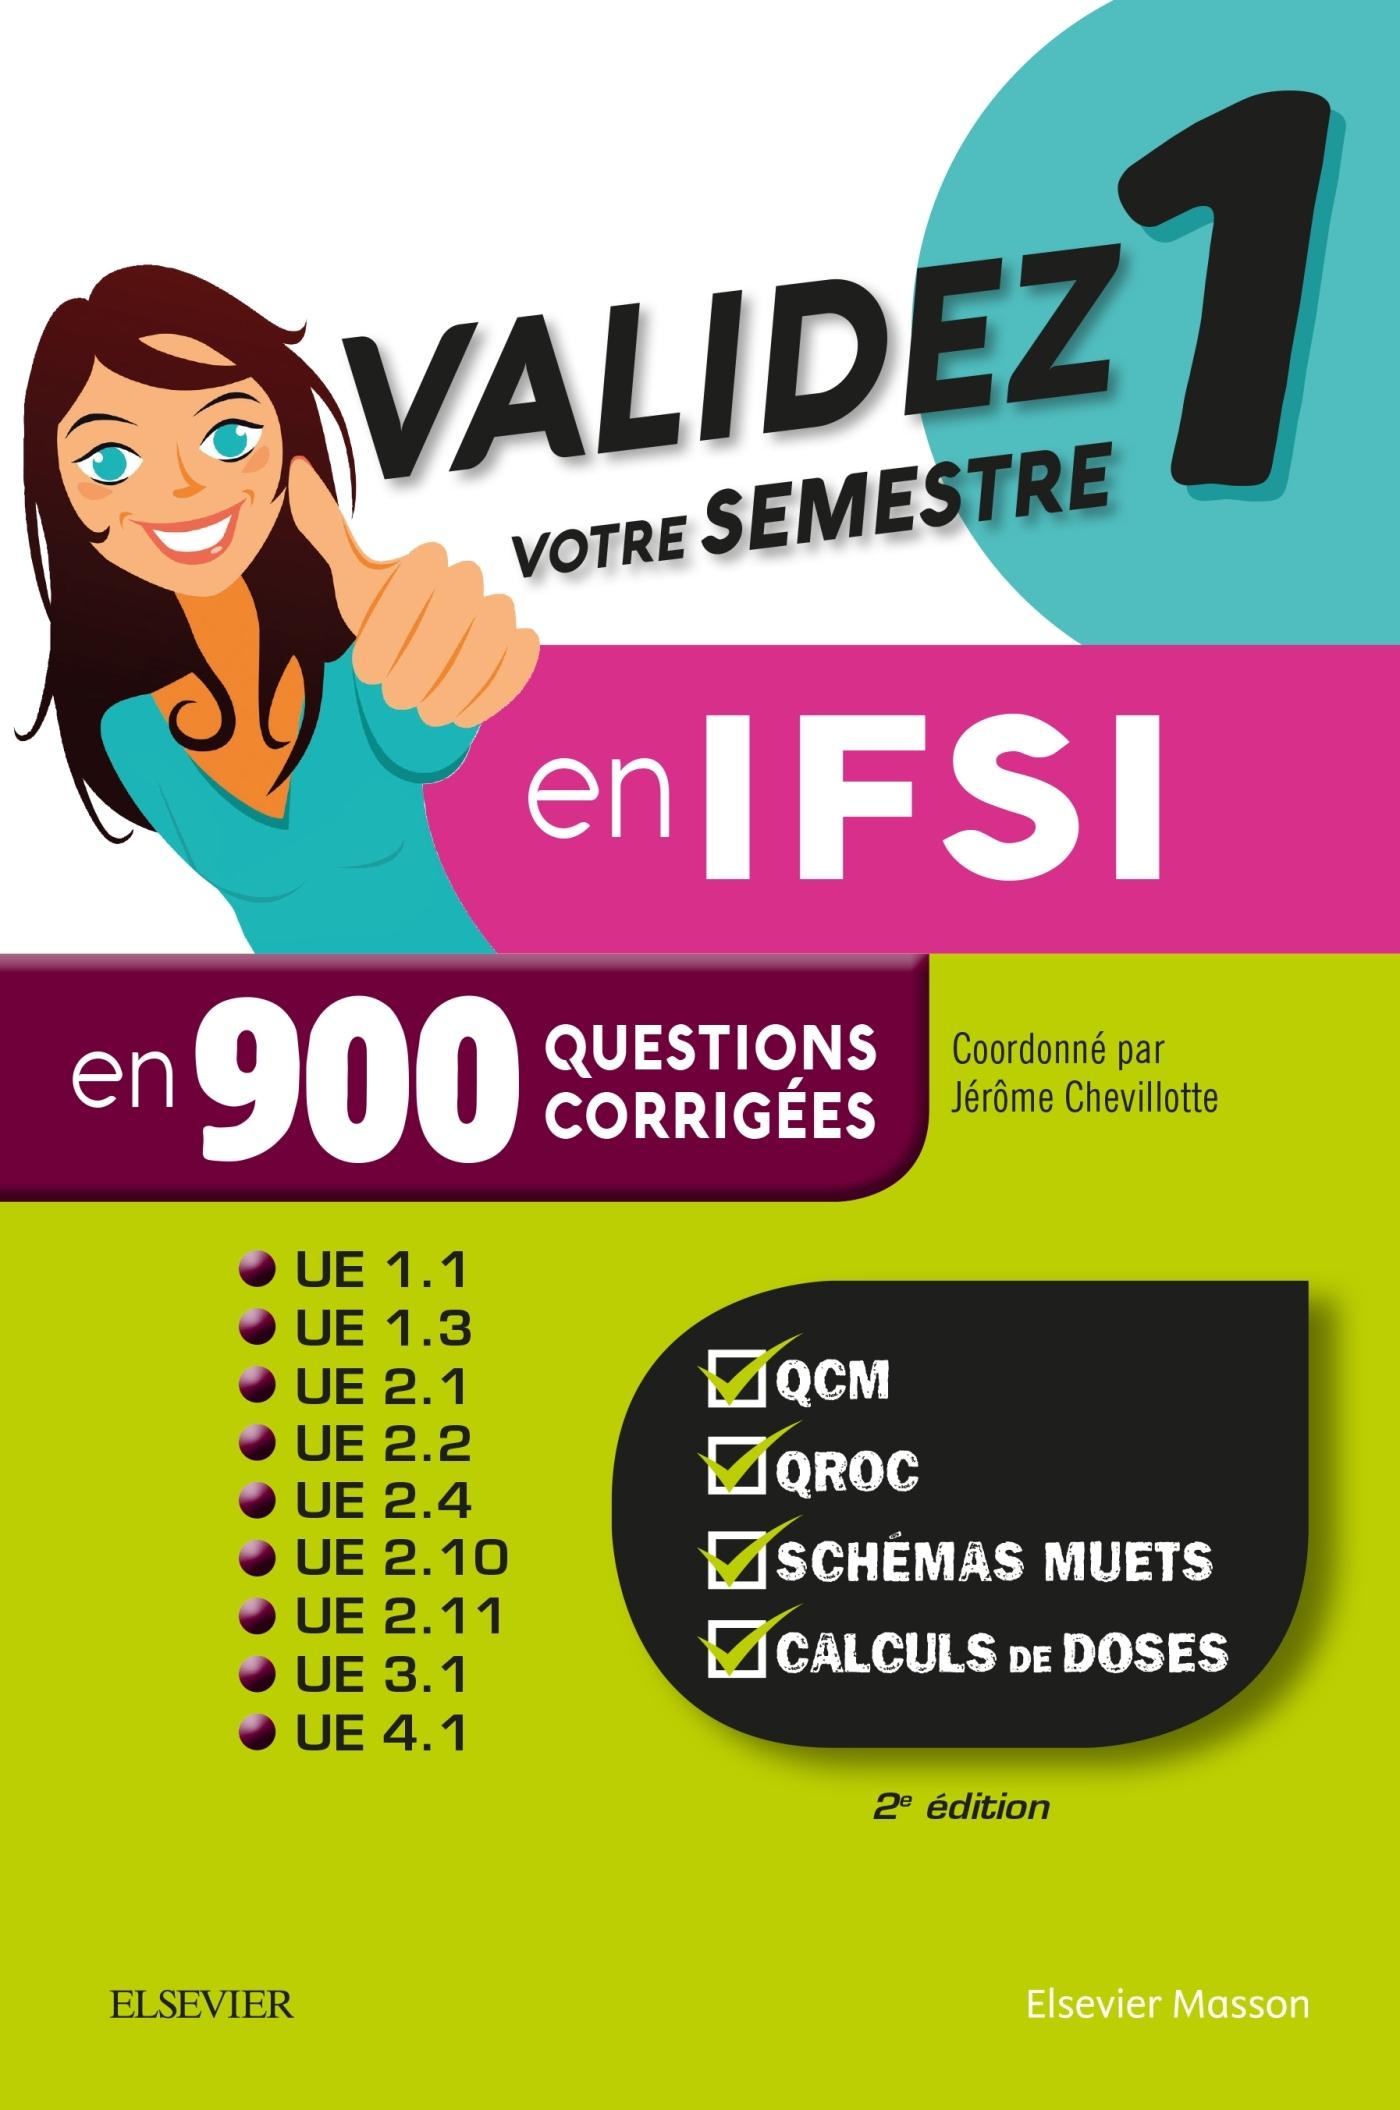 VALIDEZ VOTRE SEMESTRE 1 EN IFSI EN 900 QUESTIONS CORRIGEES - QCM, QROC, SCHEMAS MUETS, CALCULS DE D